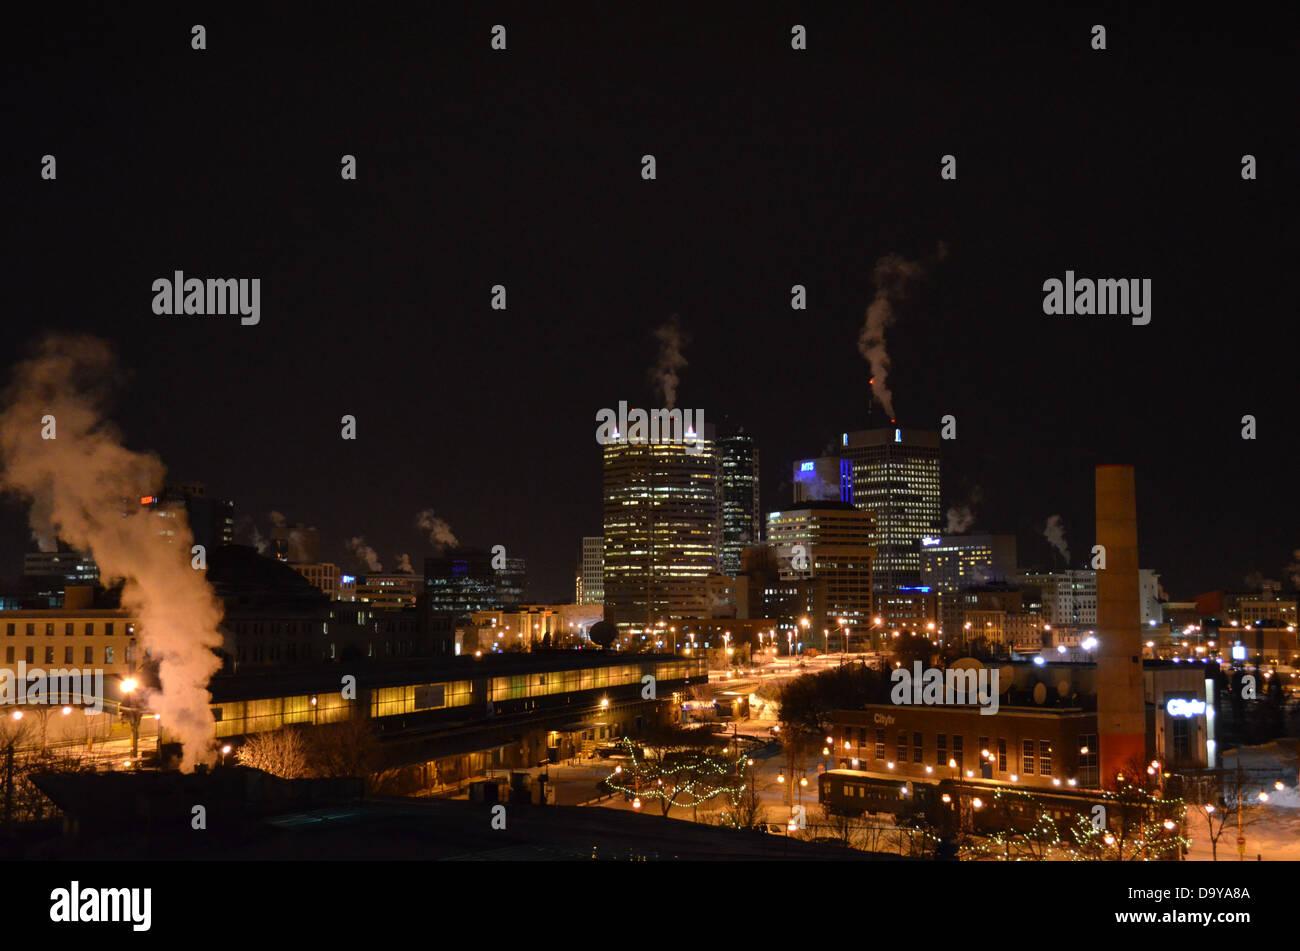 Centro de la ciudad de Winnipeg skyline como se ve desde la torre de Forks Market en invierno Foto de stock